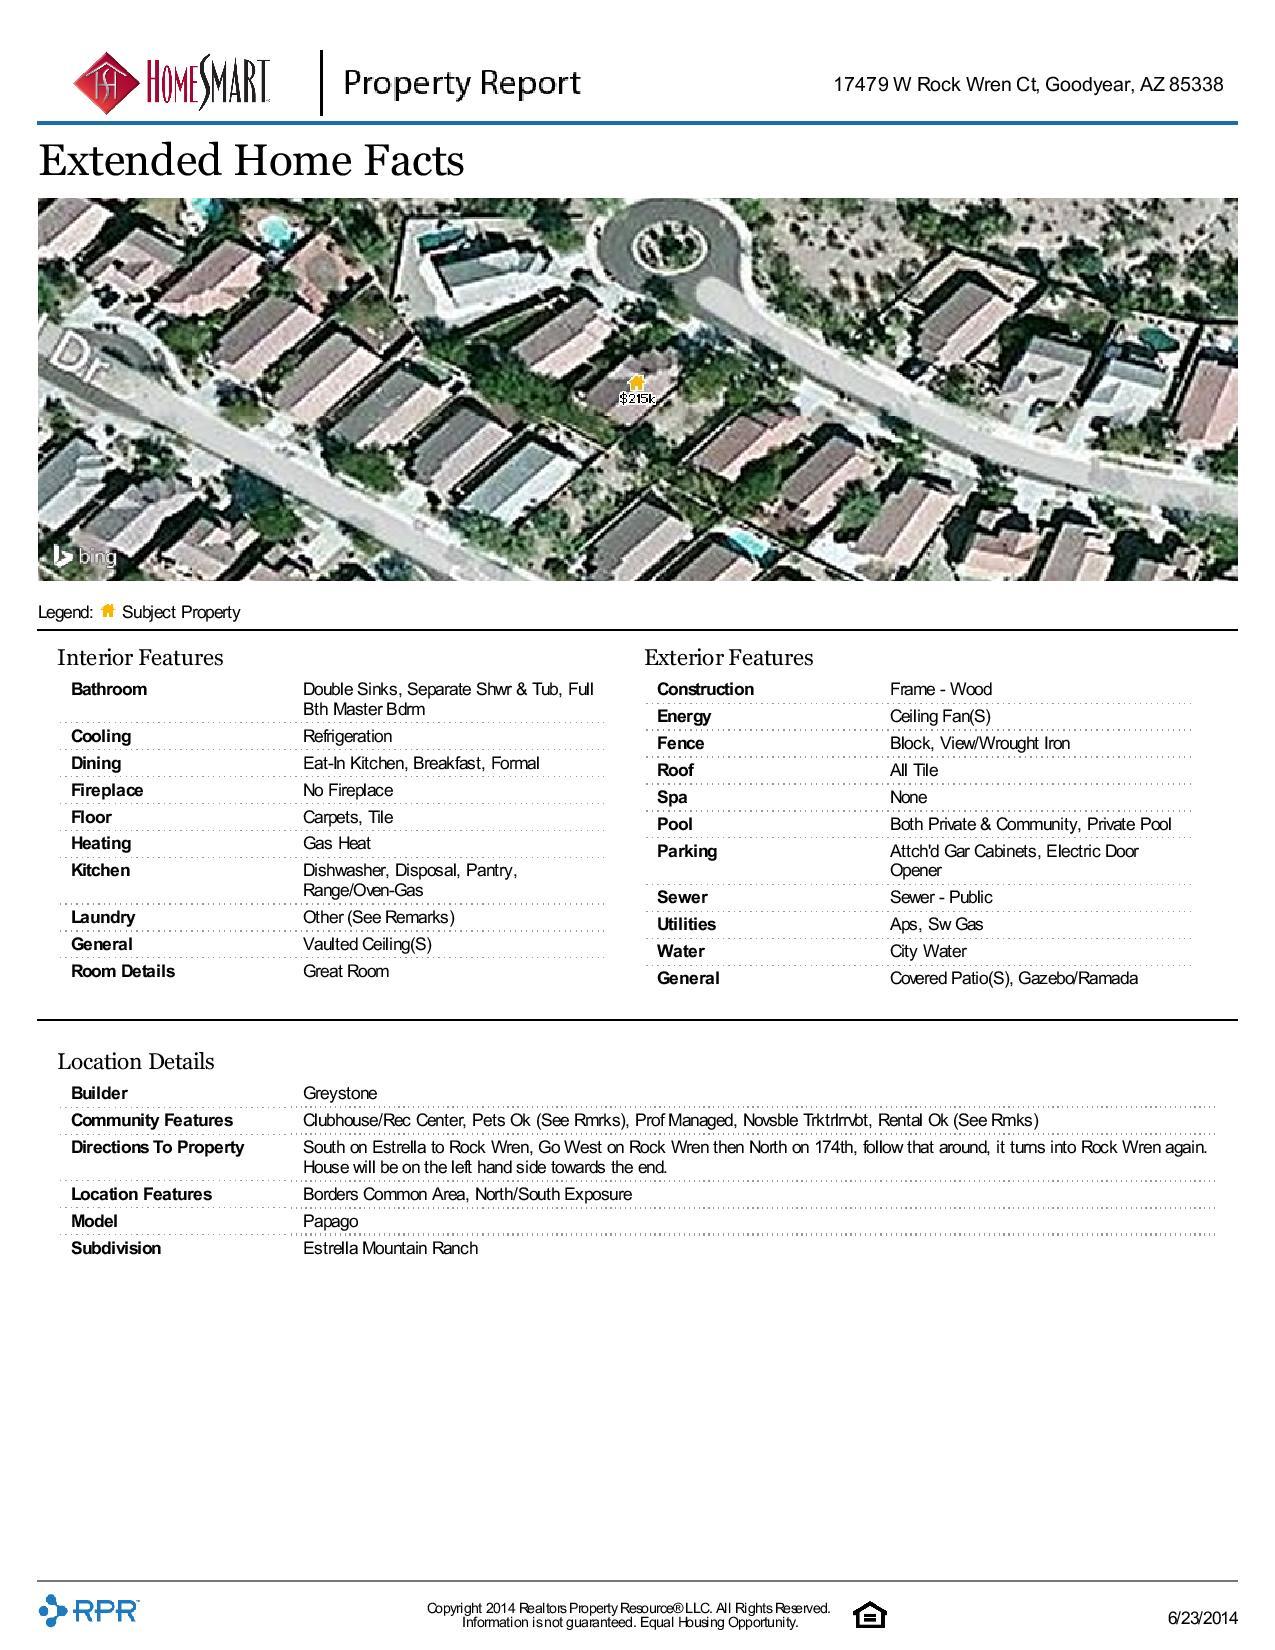 17479-W-Rock-Wren-Ct-Goodyear-AZ-85338-page-004